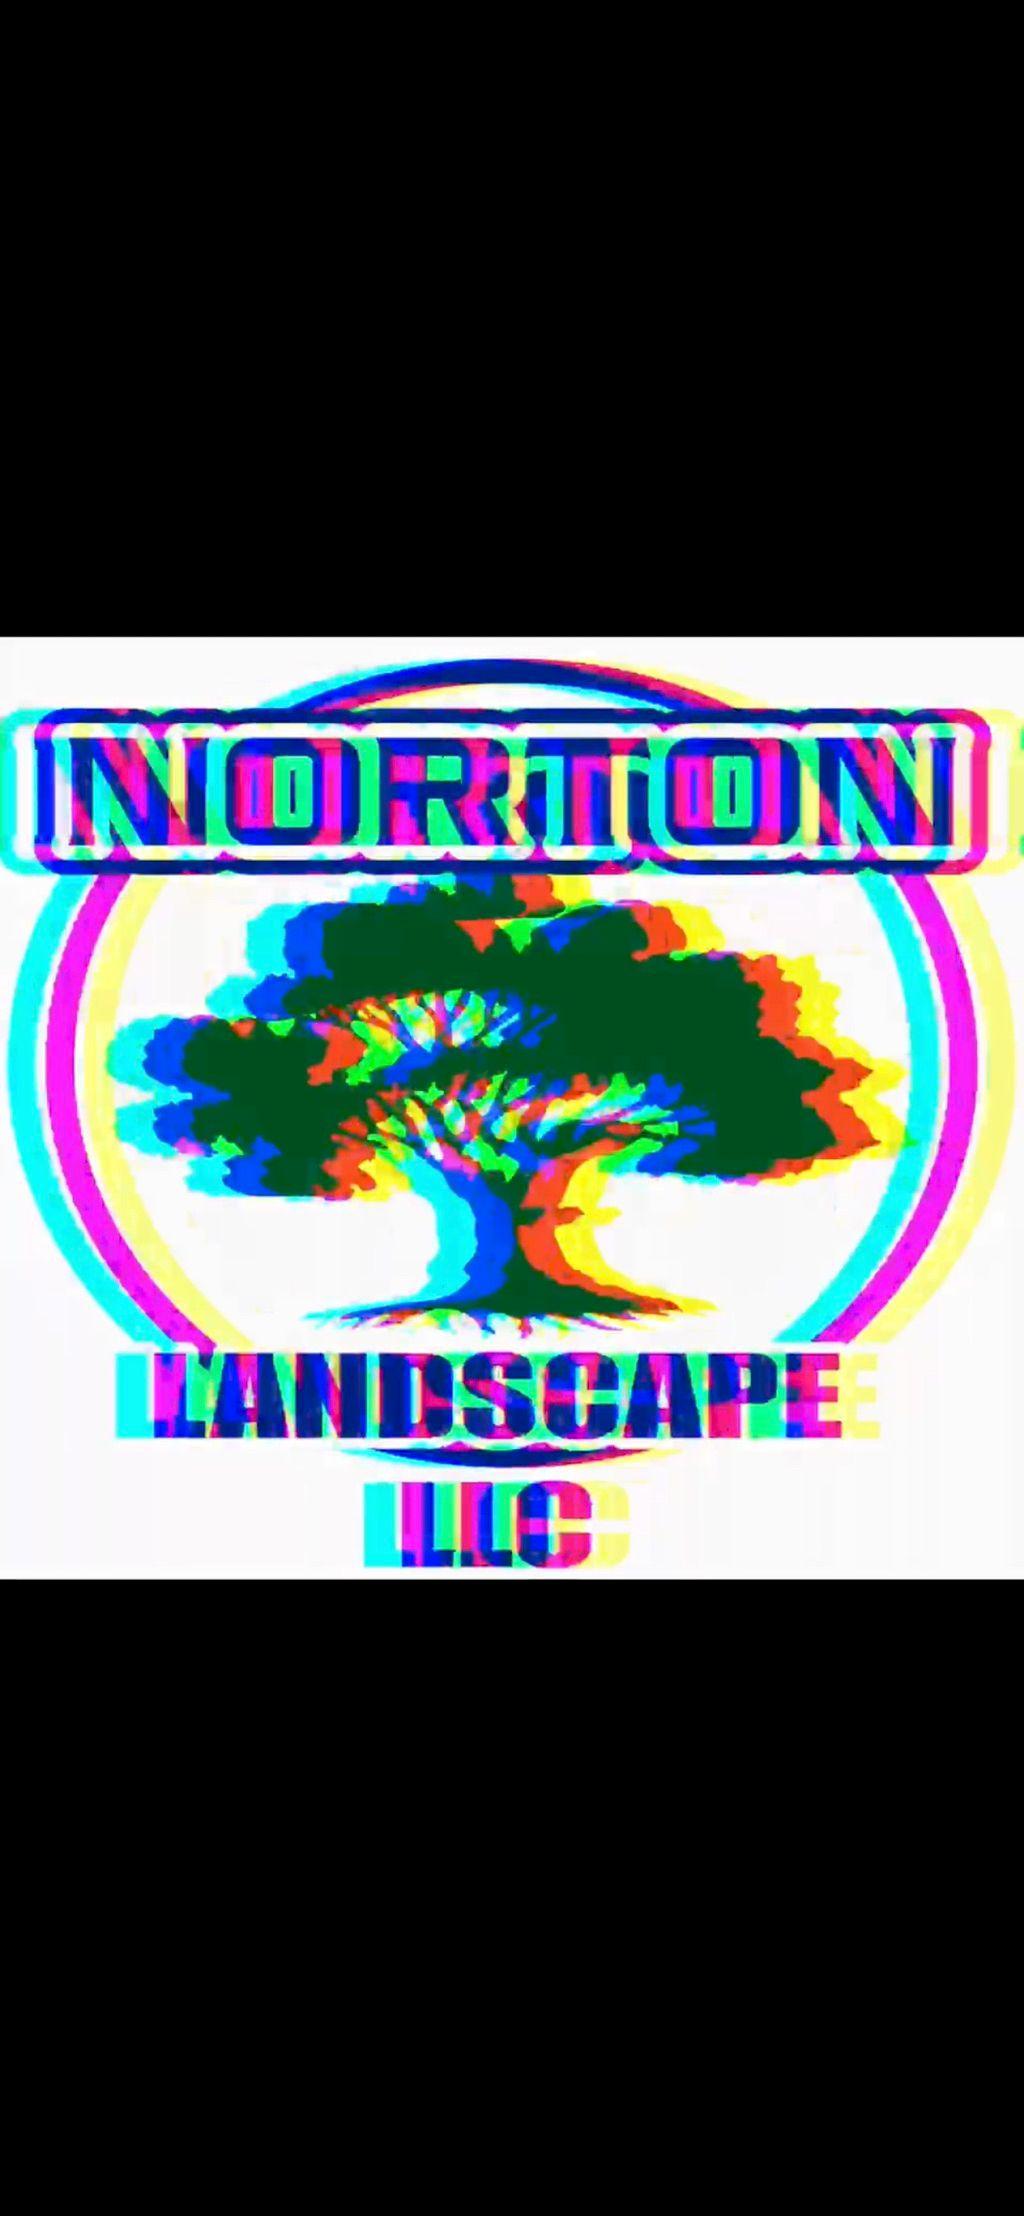 Norton Landscape LLC